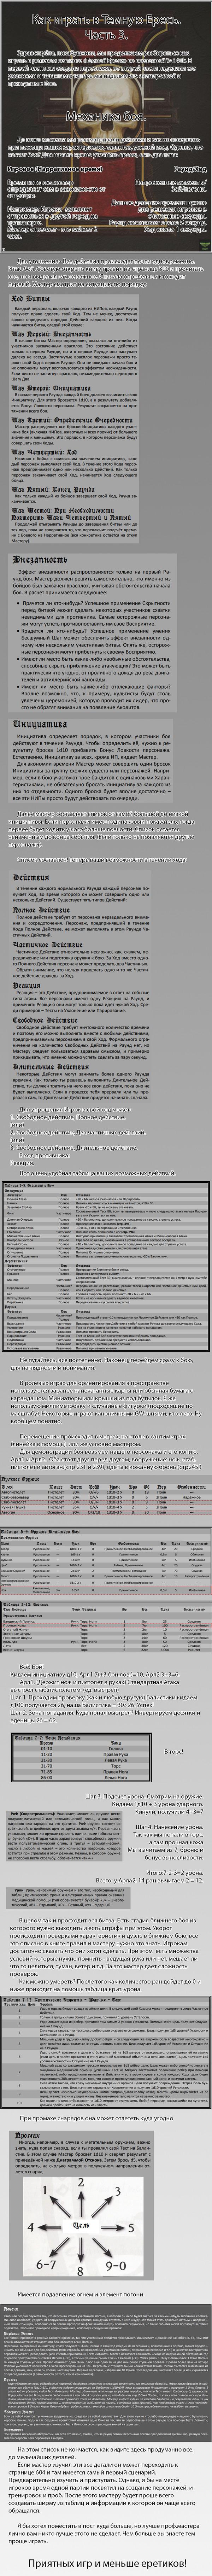 Как играть в Темную Ересь. Часть 3. Warhammer 40k, Длиннопост, Wh Other, Dark Heresy